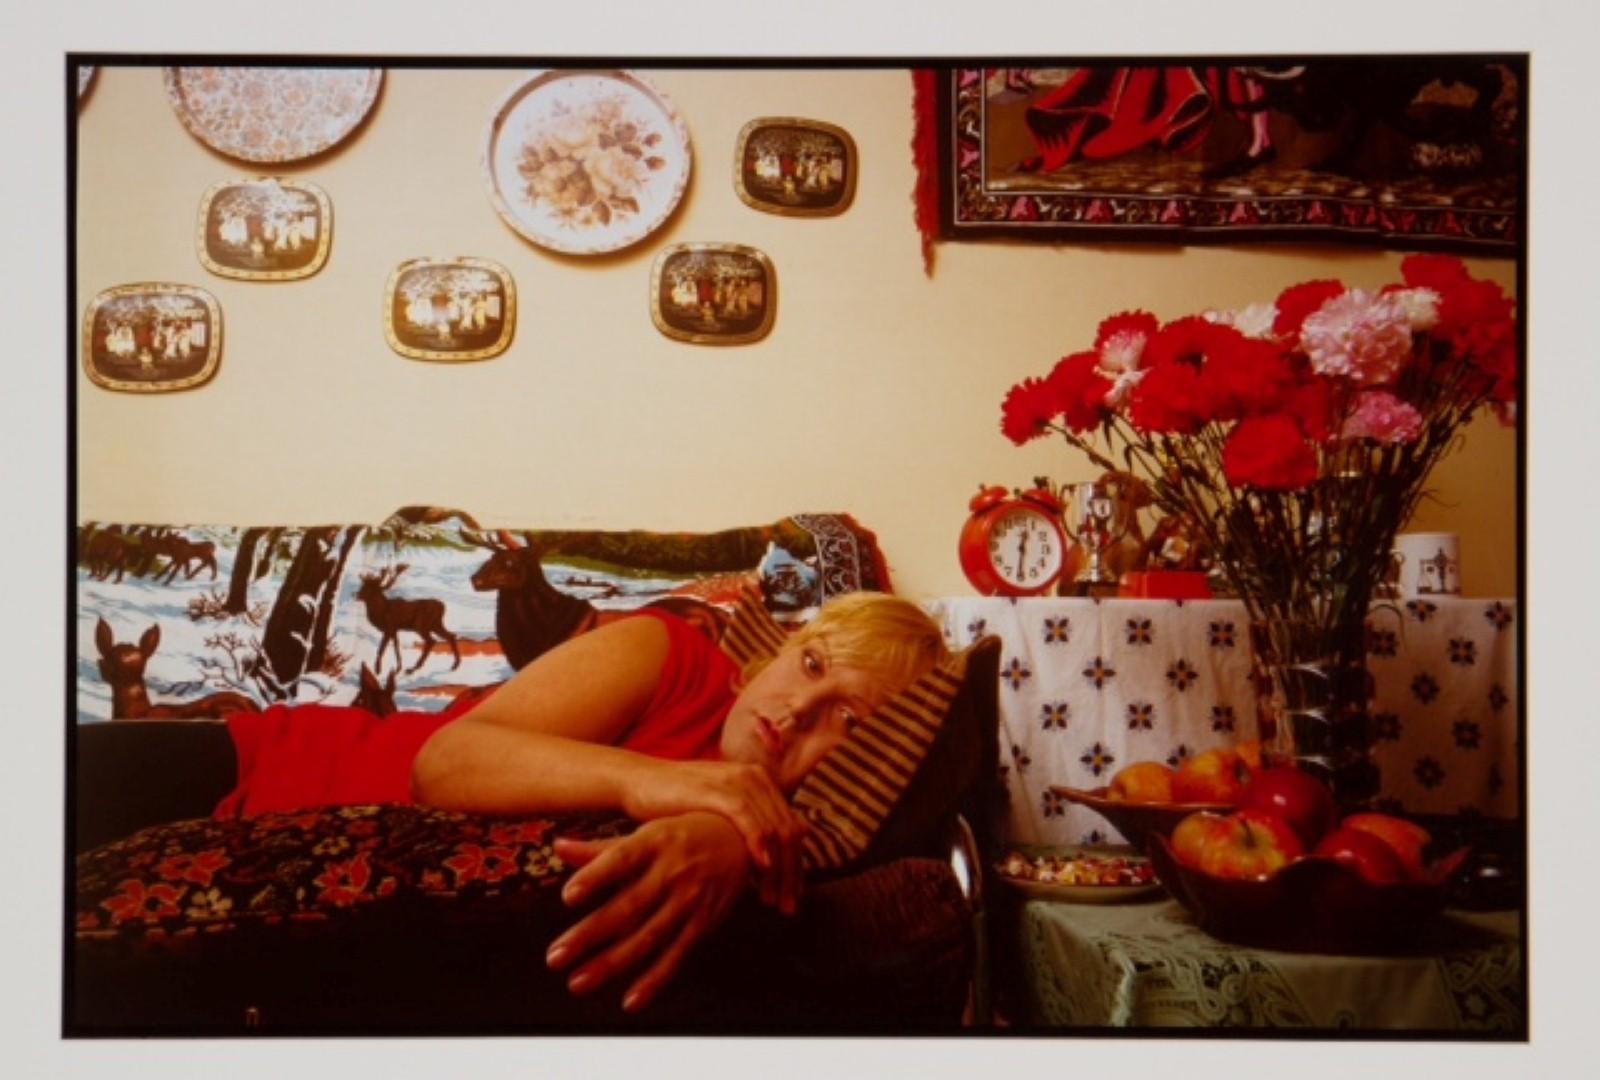 זלמן שושי. צילום: מיכה קירשנר (מתוך אוסף מוזיאון תל אביב לאמנות)